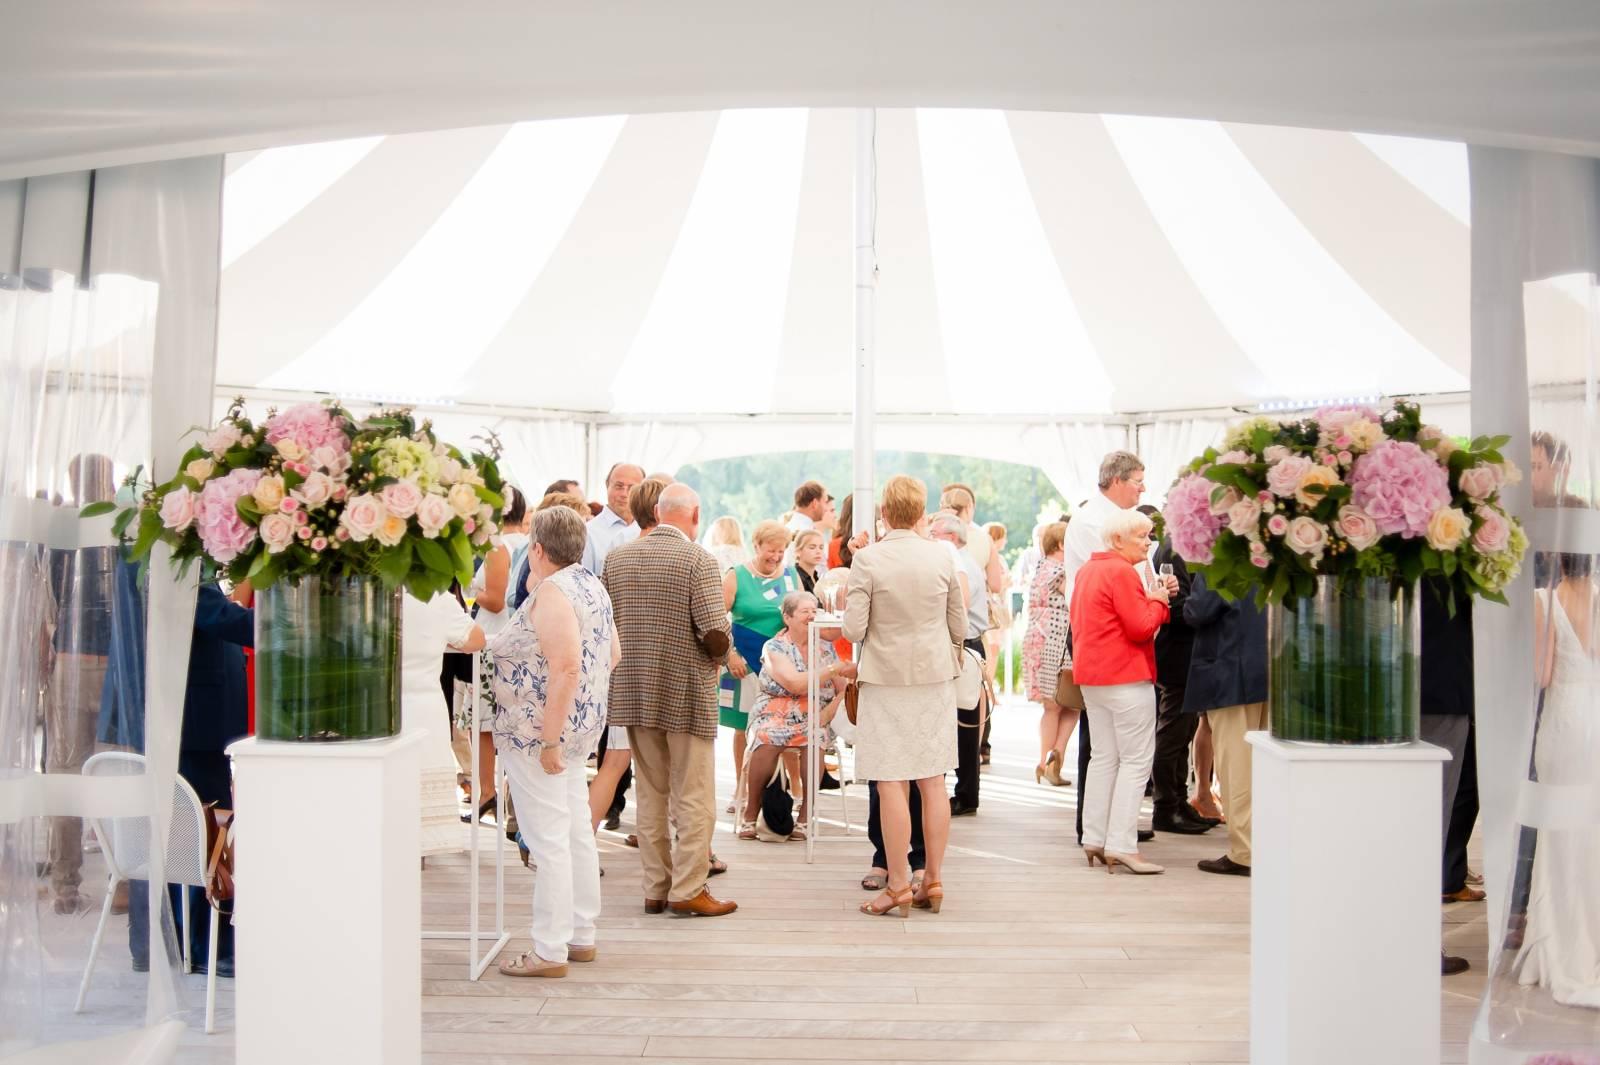 Domein Saint-Hubert - House of Weddings - Feestzaal Oost-Vlaanderen - Ronse - huwelijk - ceremonie cateri (9)